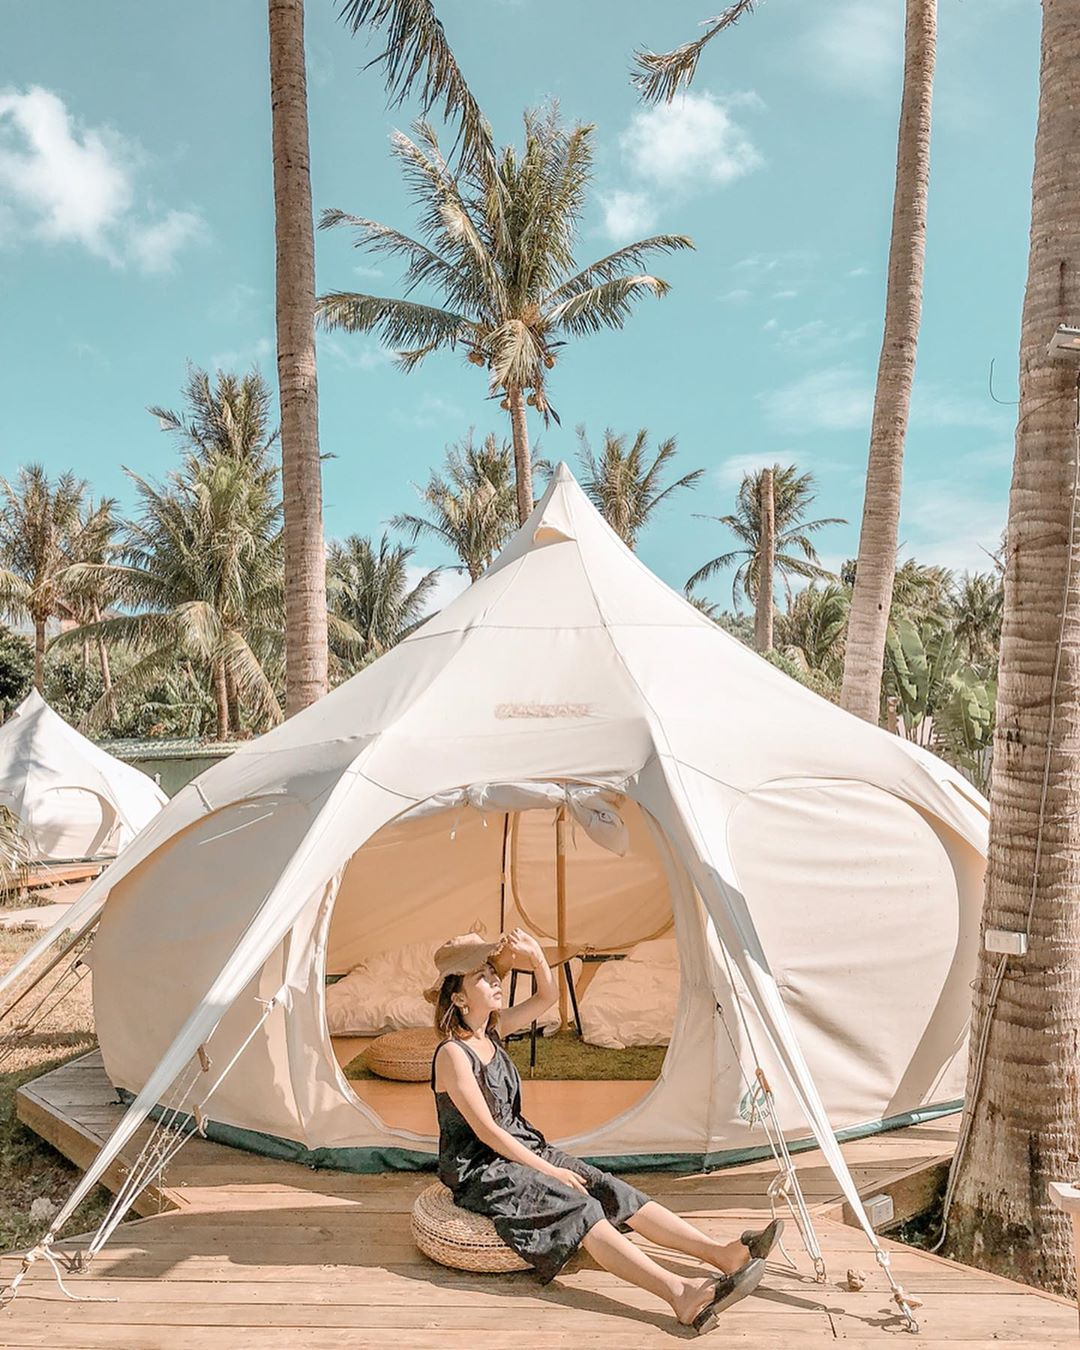 海邊的豪華帳篷,提供宛如身在海島的度假體驗。